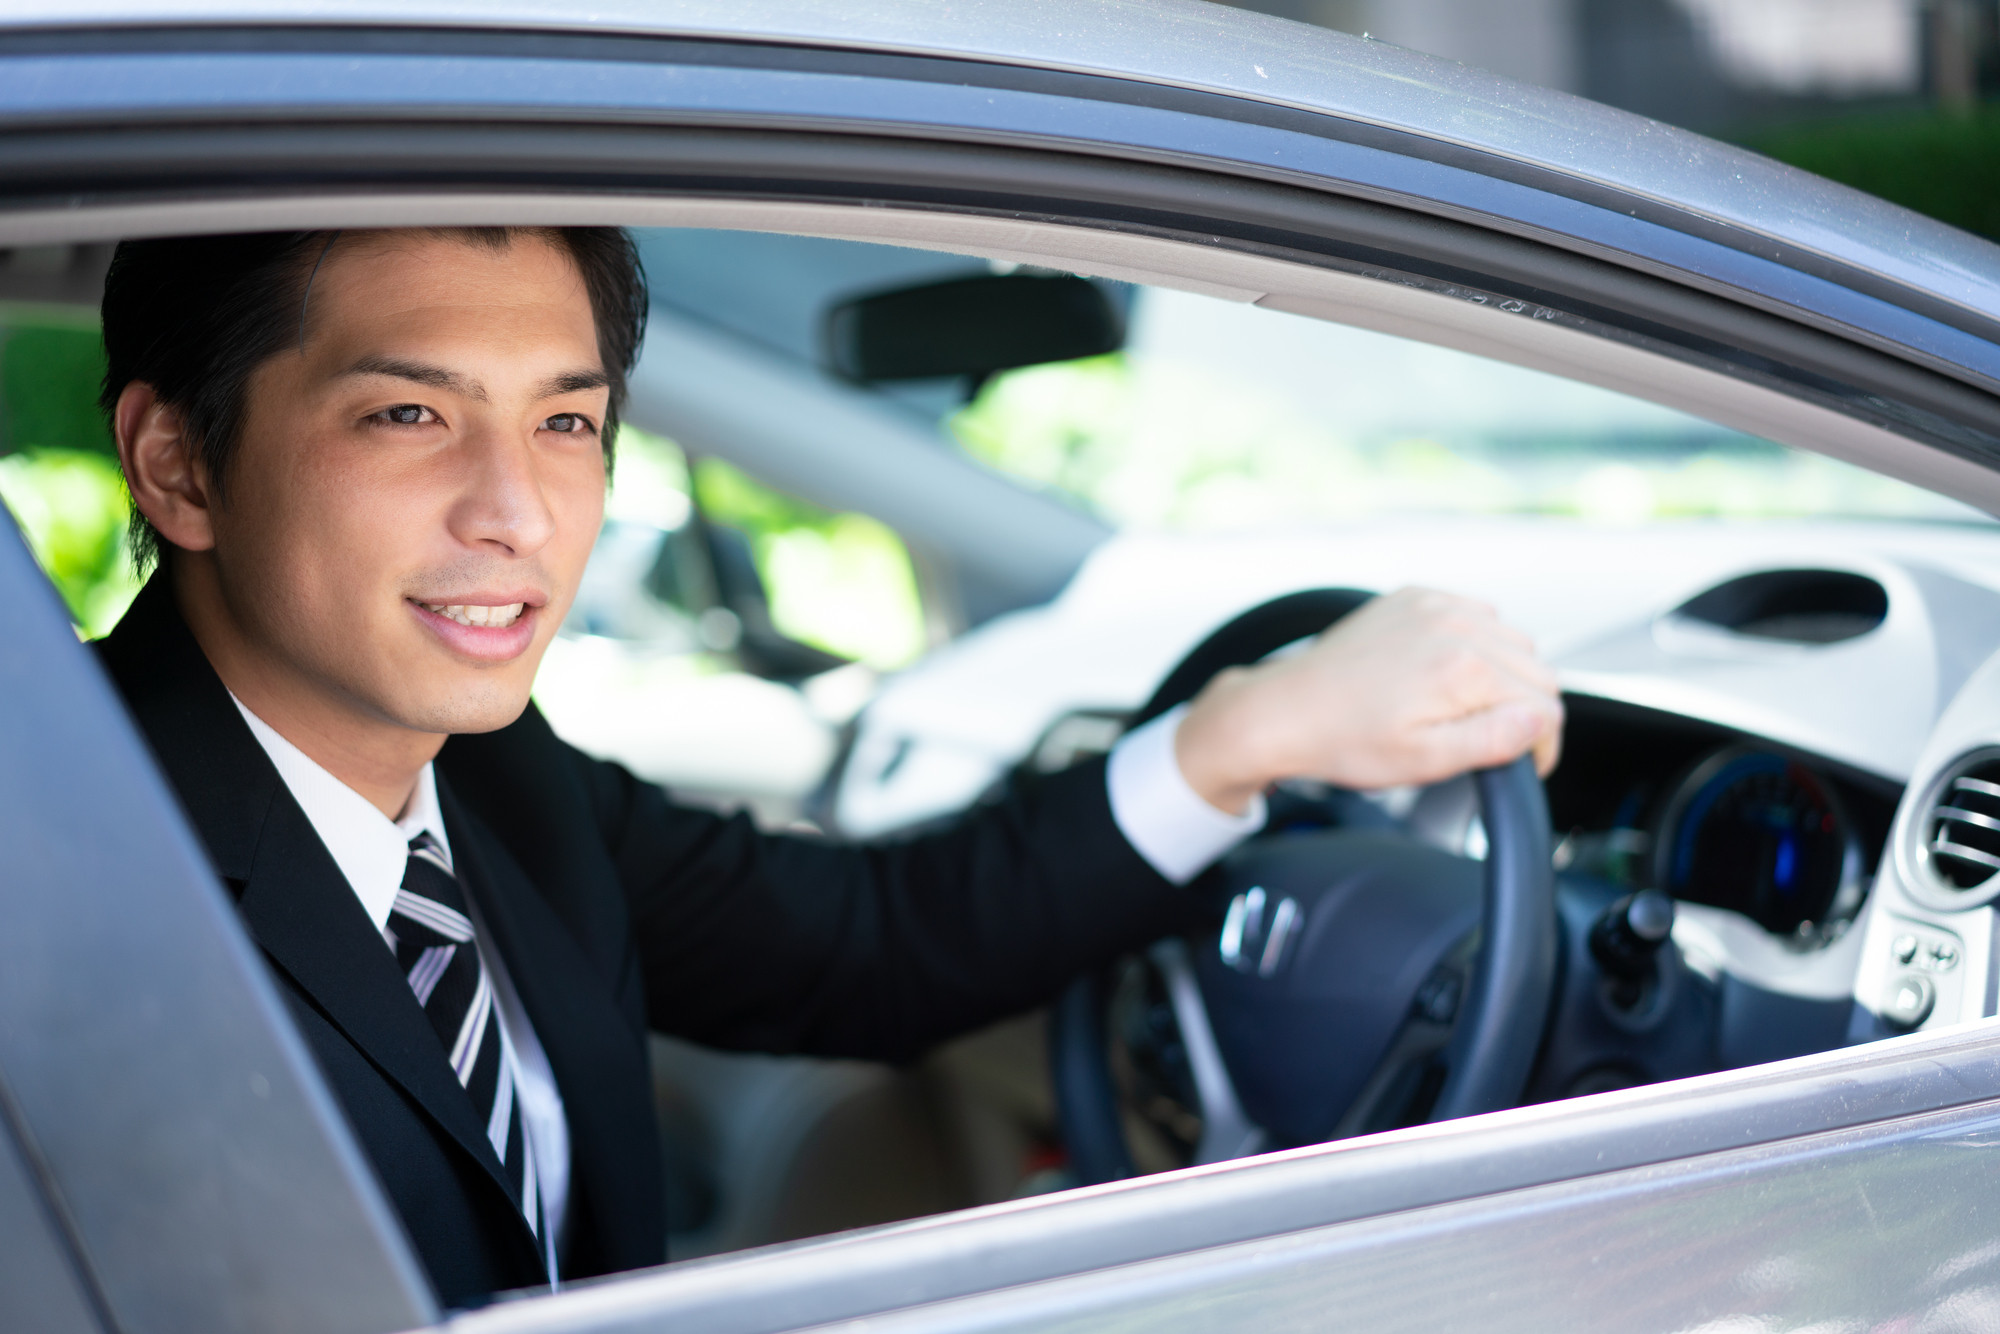 □役員運転手が知っておくべき心得とは?暗黙のルールに要注意 - 株式 ...